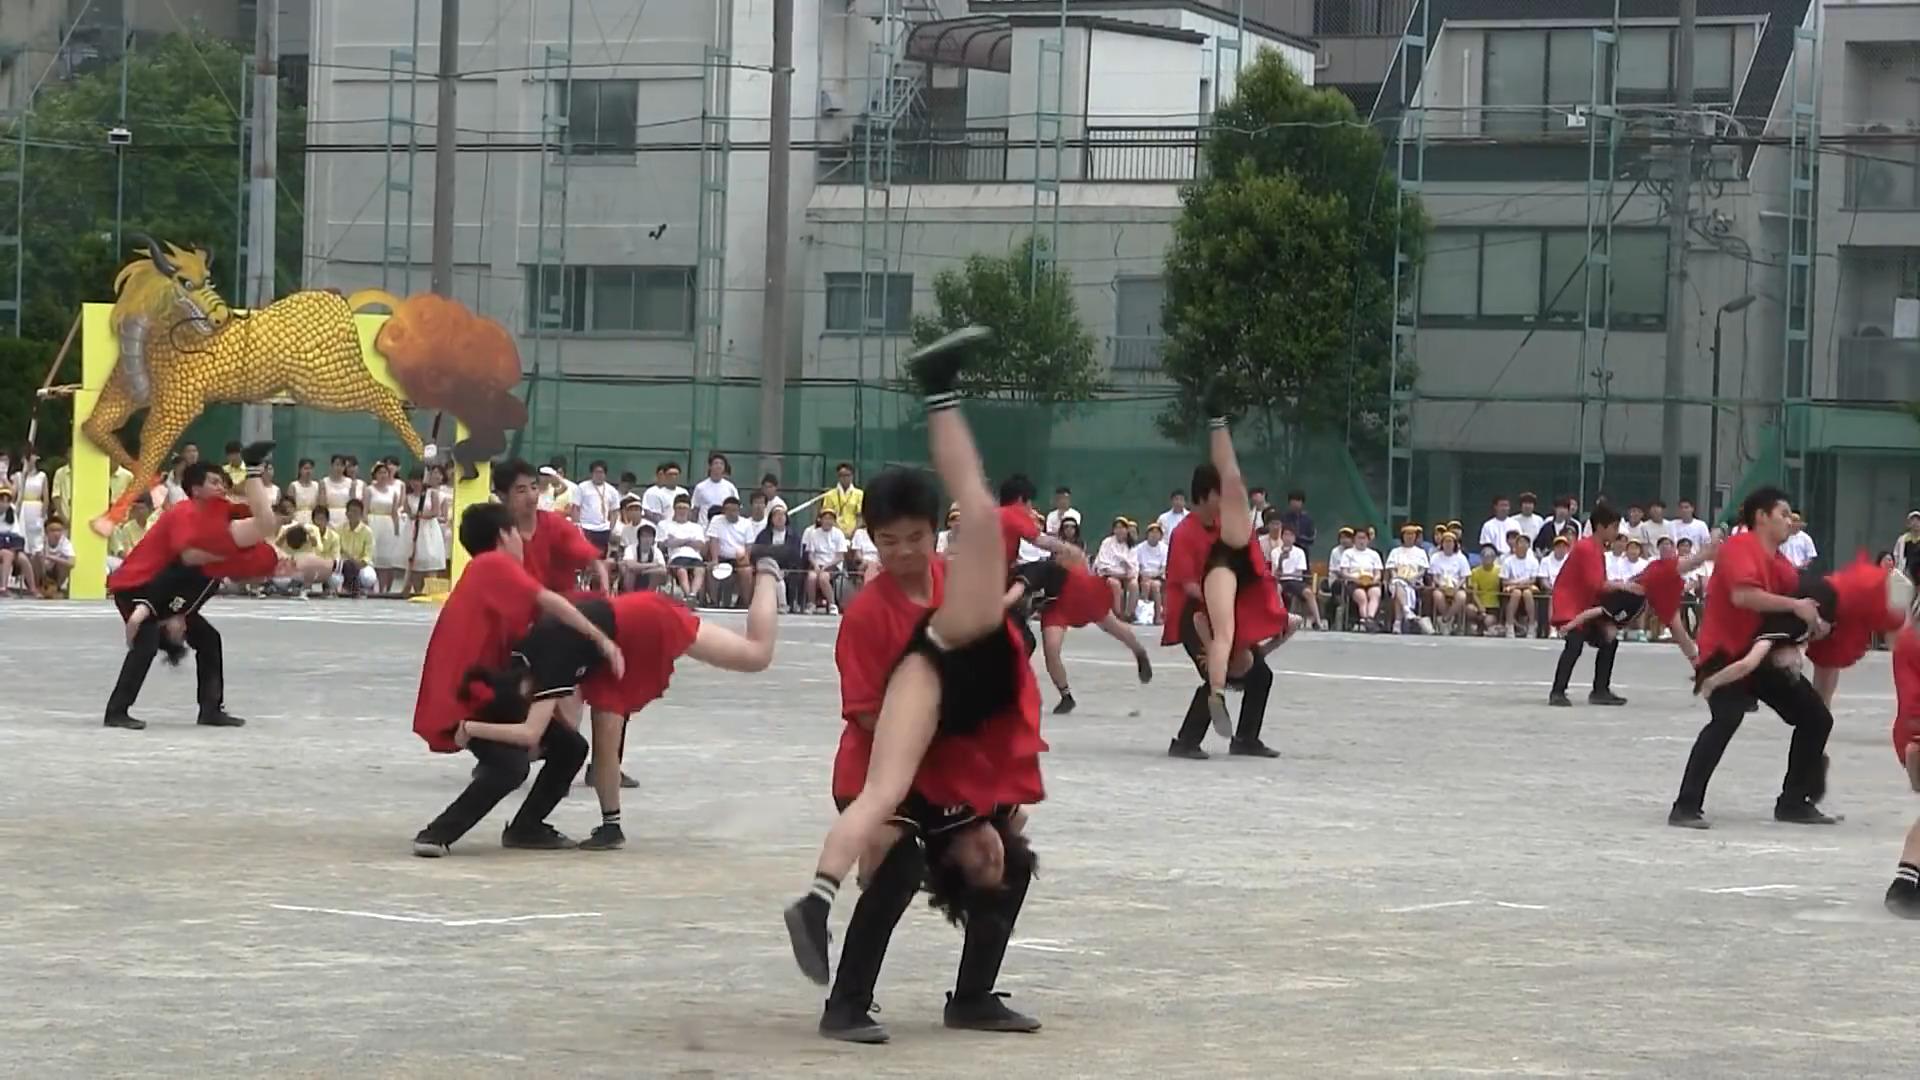 両国高校体育祭2017 応援団ダンス赤軍 ② 03:21